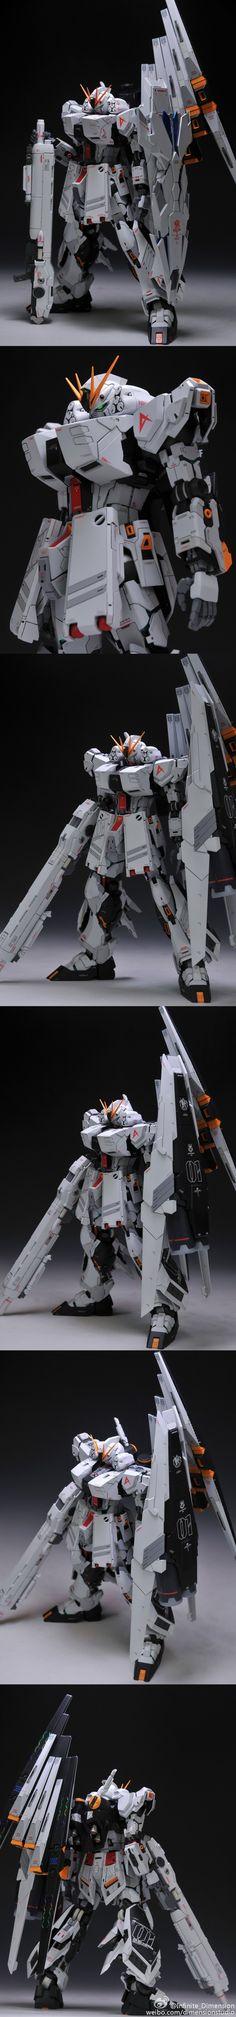 POINTNET.COM.HK - 正到爆的作品!!! MG 1/100 Nu Gundam ver Ka EVO